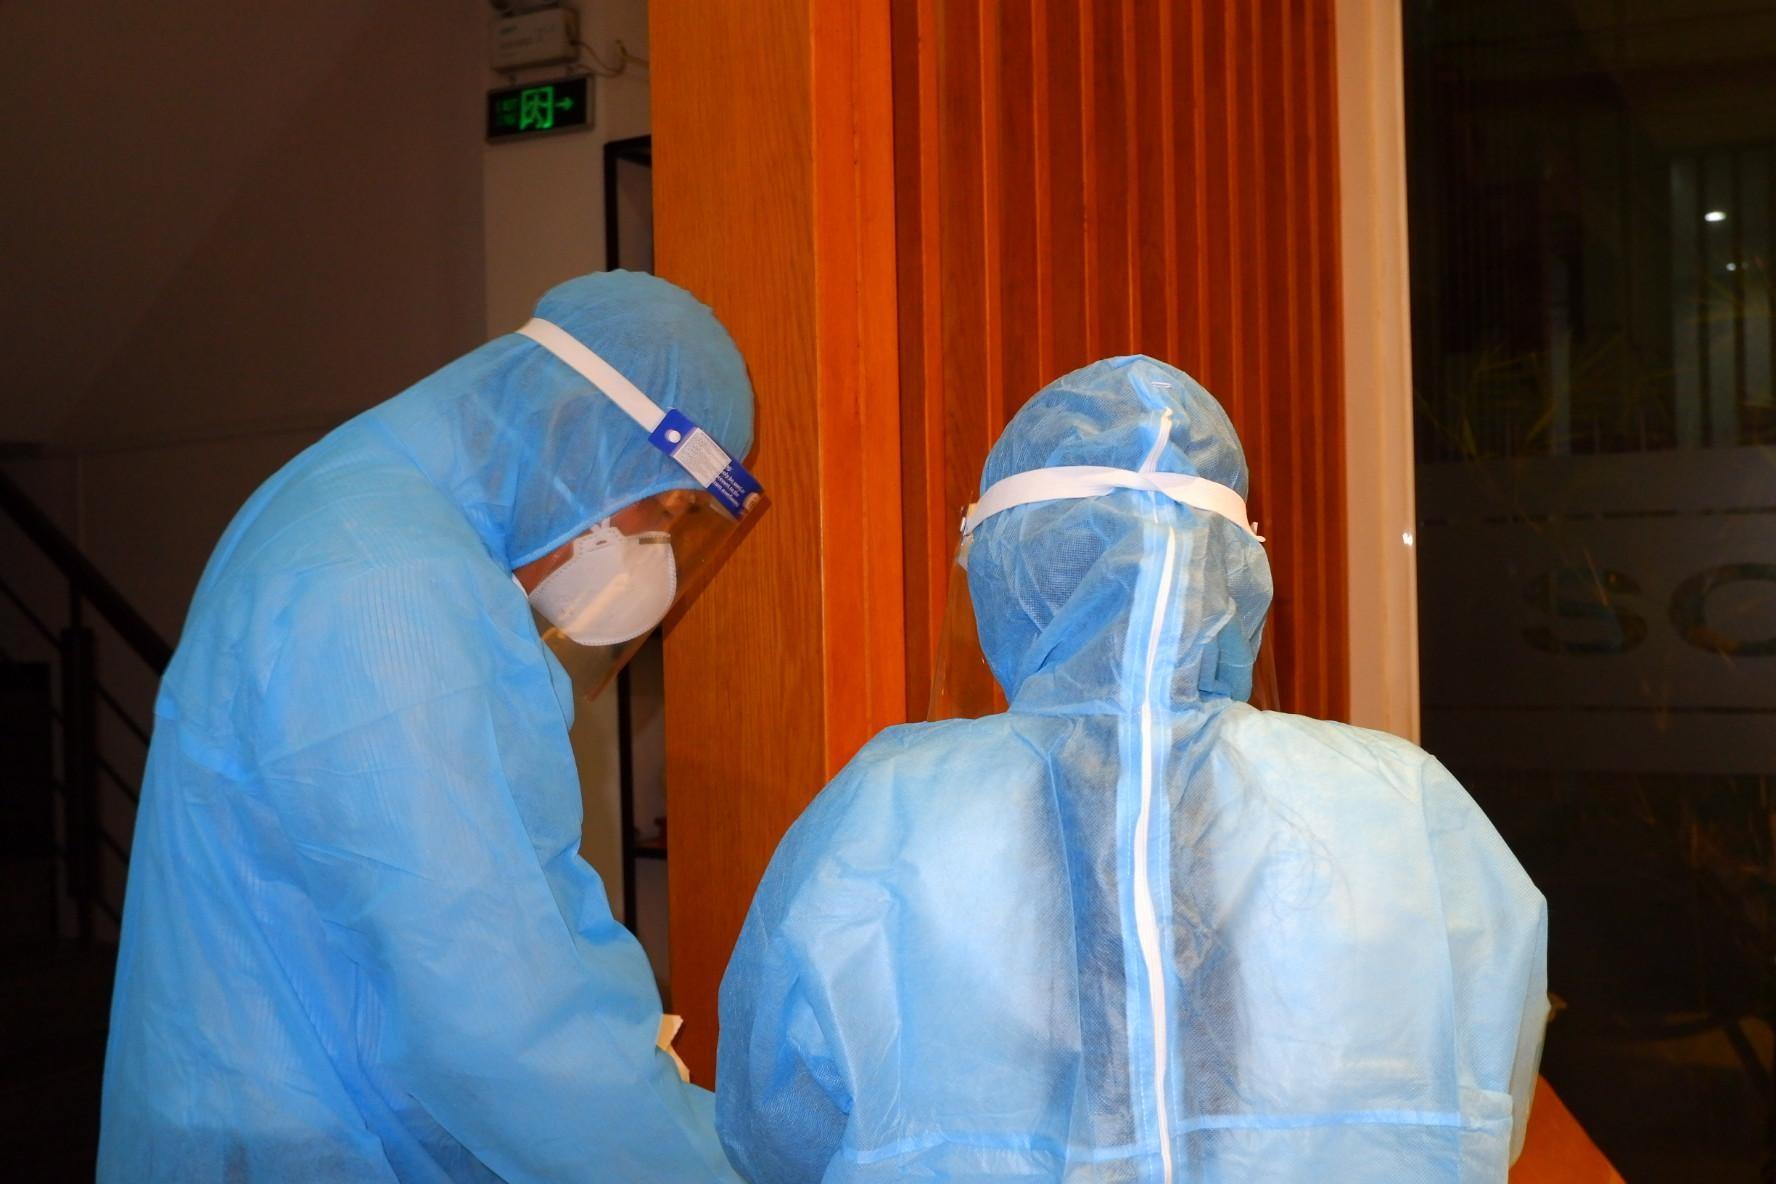 Nhân viên y tế chuẩn bị lấy mẫu xét nghiệm cho người nghi nhiễm